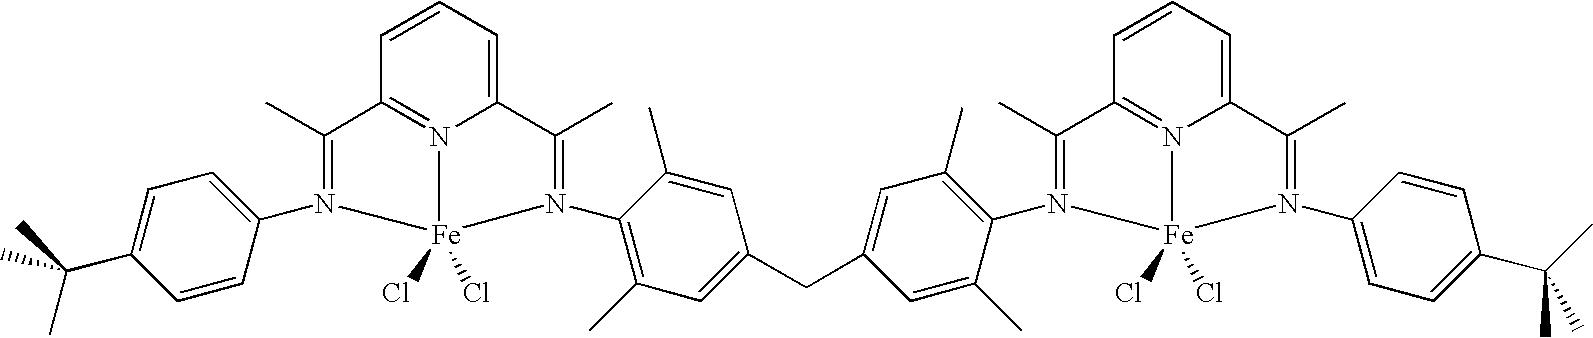 Figure US07045632-20060516-C00025